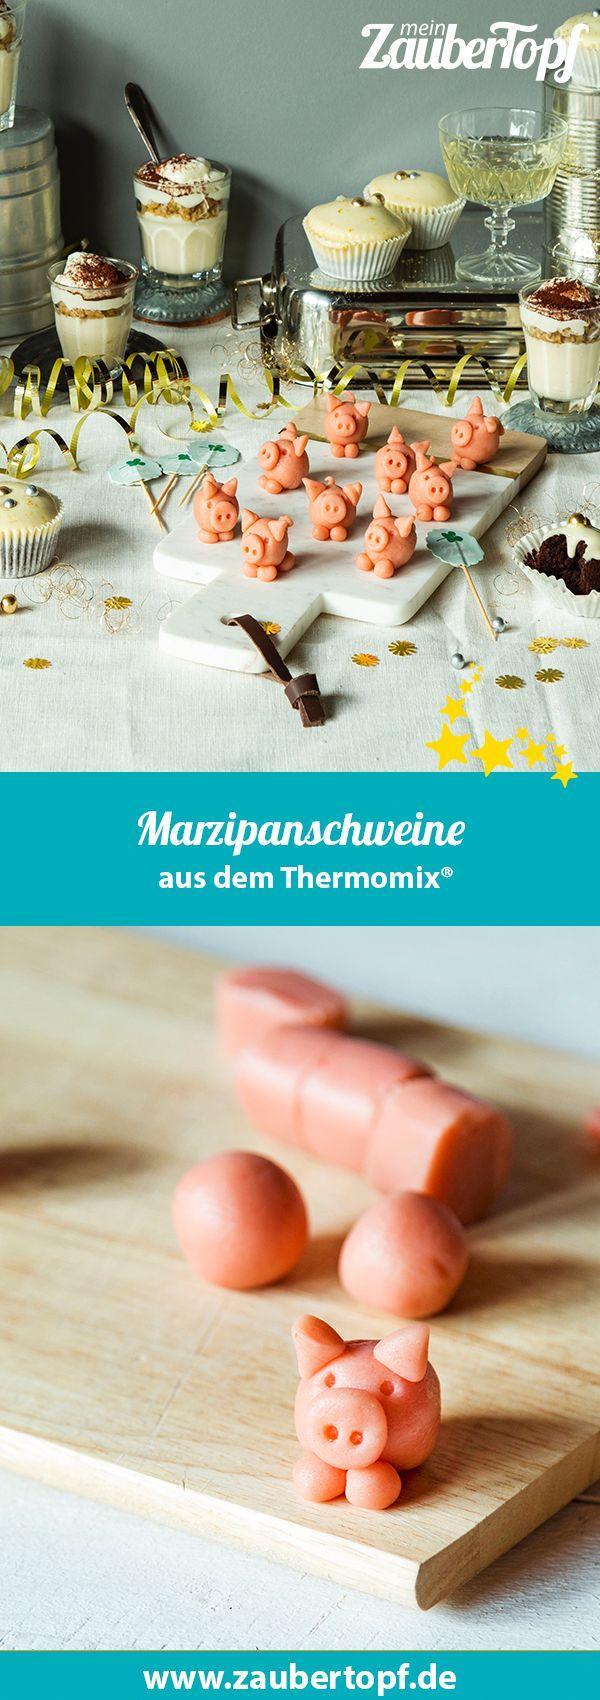 Kleine Glücksbringer: Marzipanschweine – Rezept für den Thermomix